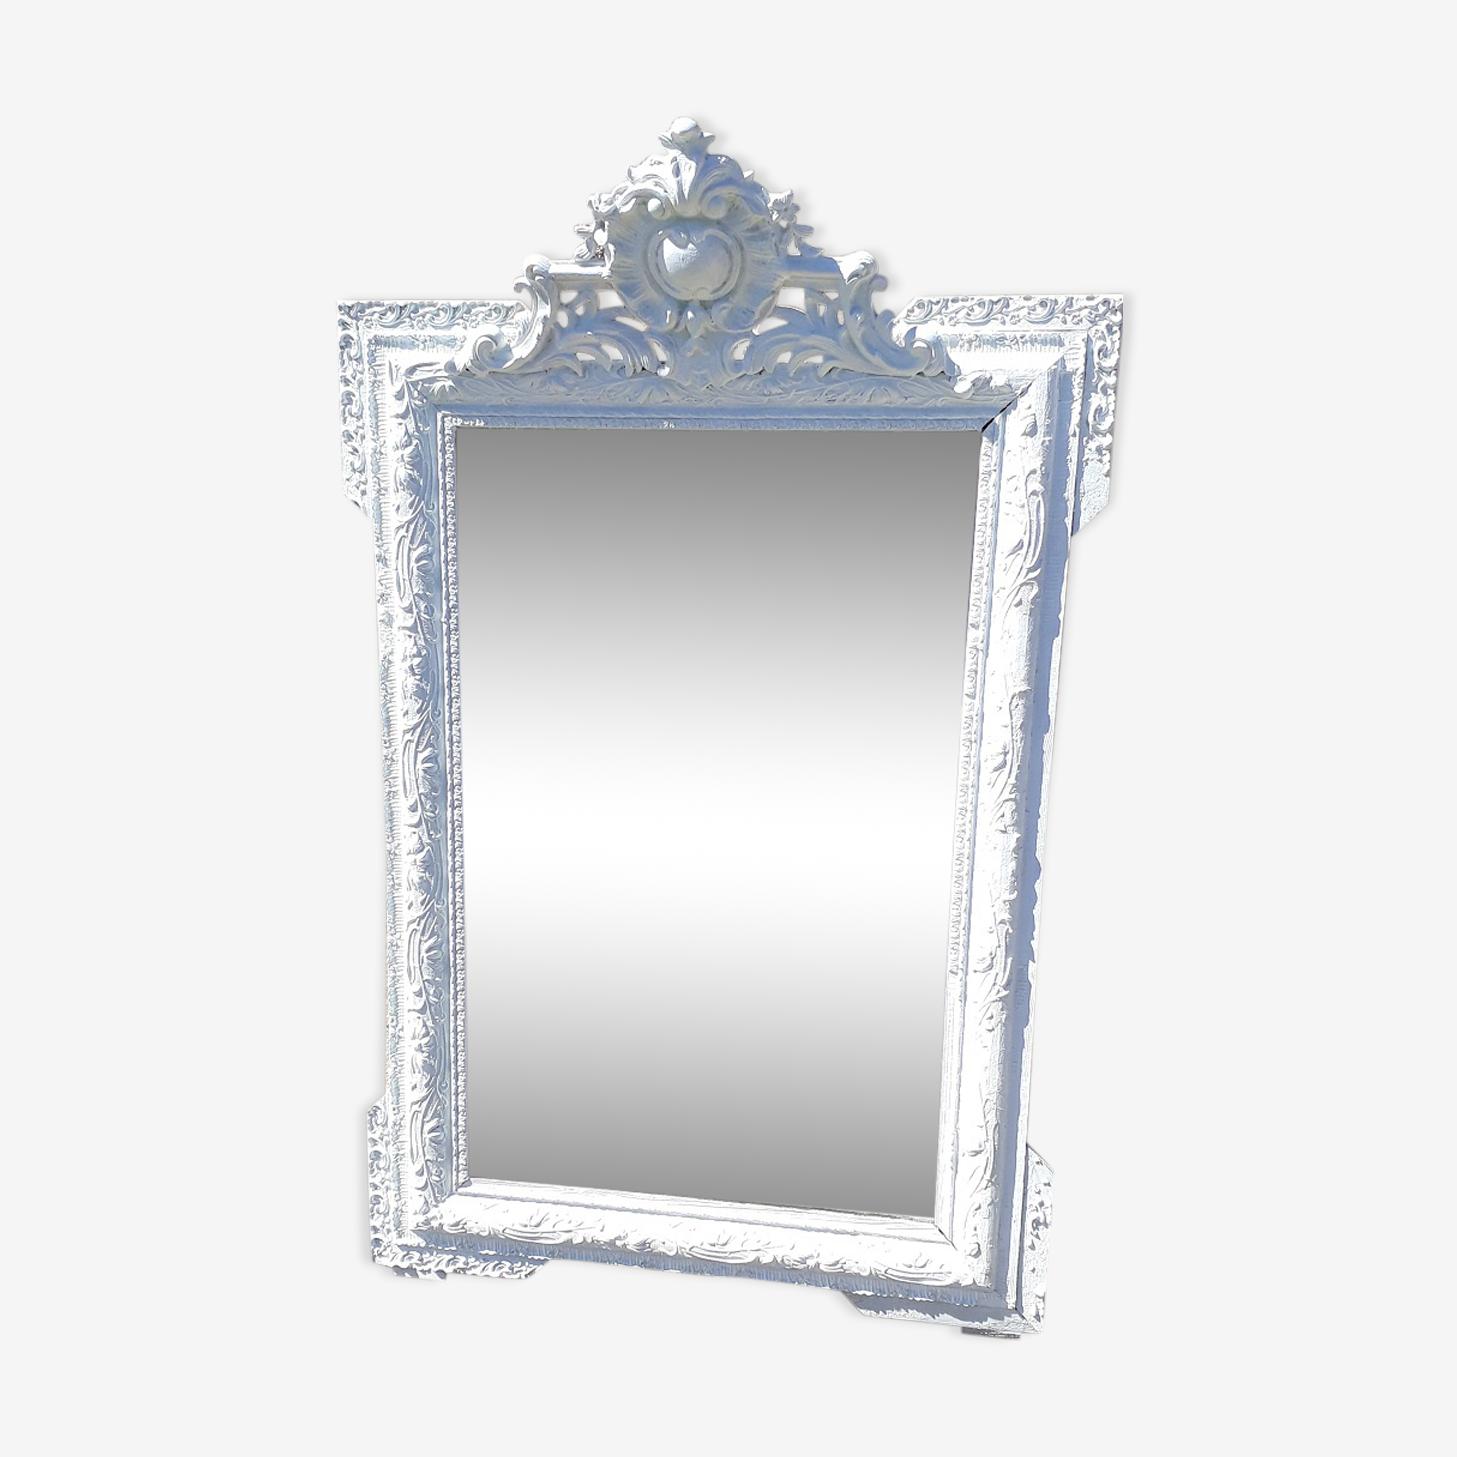 Miroir à orreilles Louis XV fronton shabby chic 119x73cm